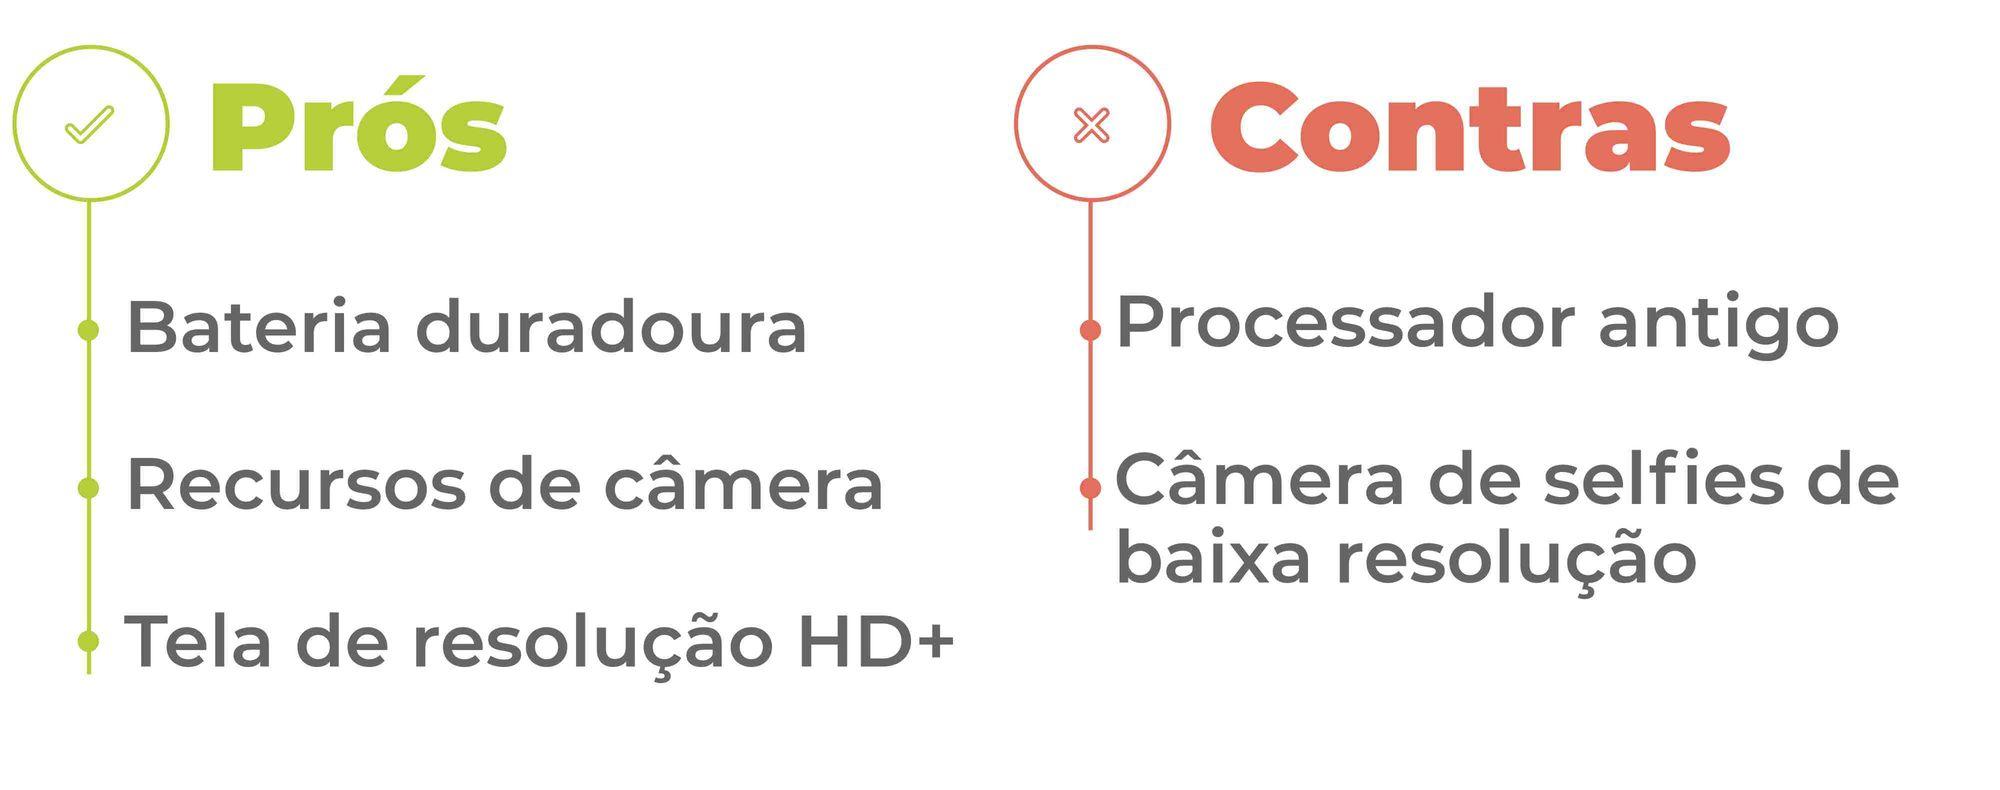 Imagem mostra prós e contras do Moto G10, que são explicados no texto a seguir